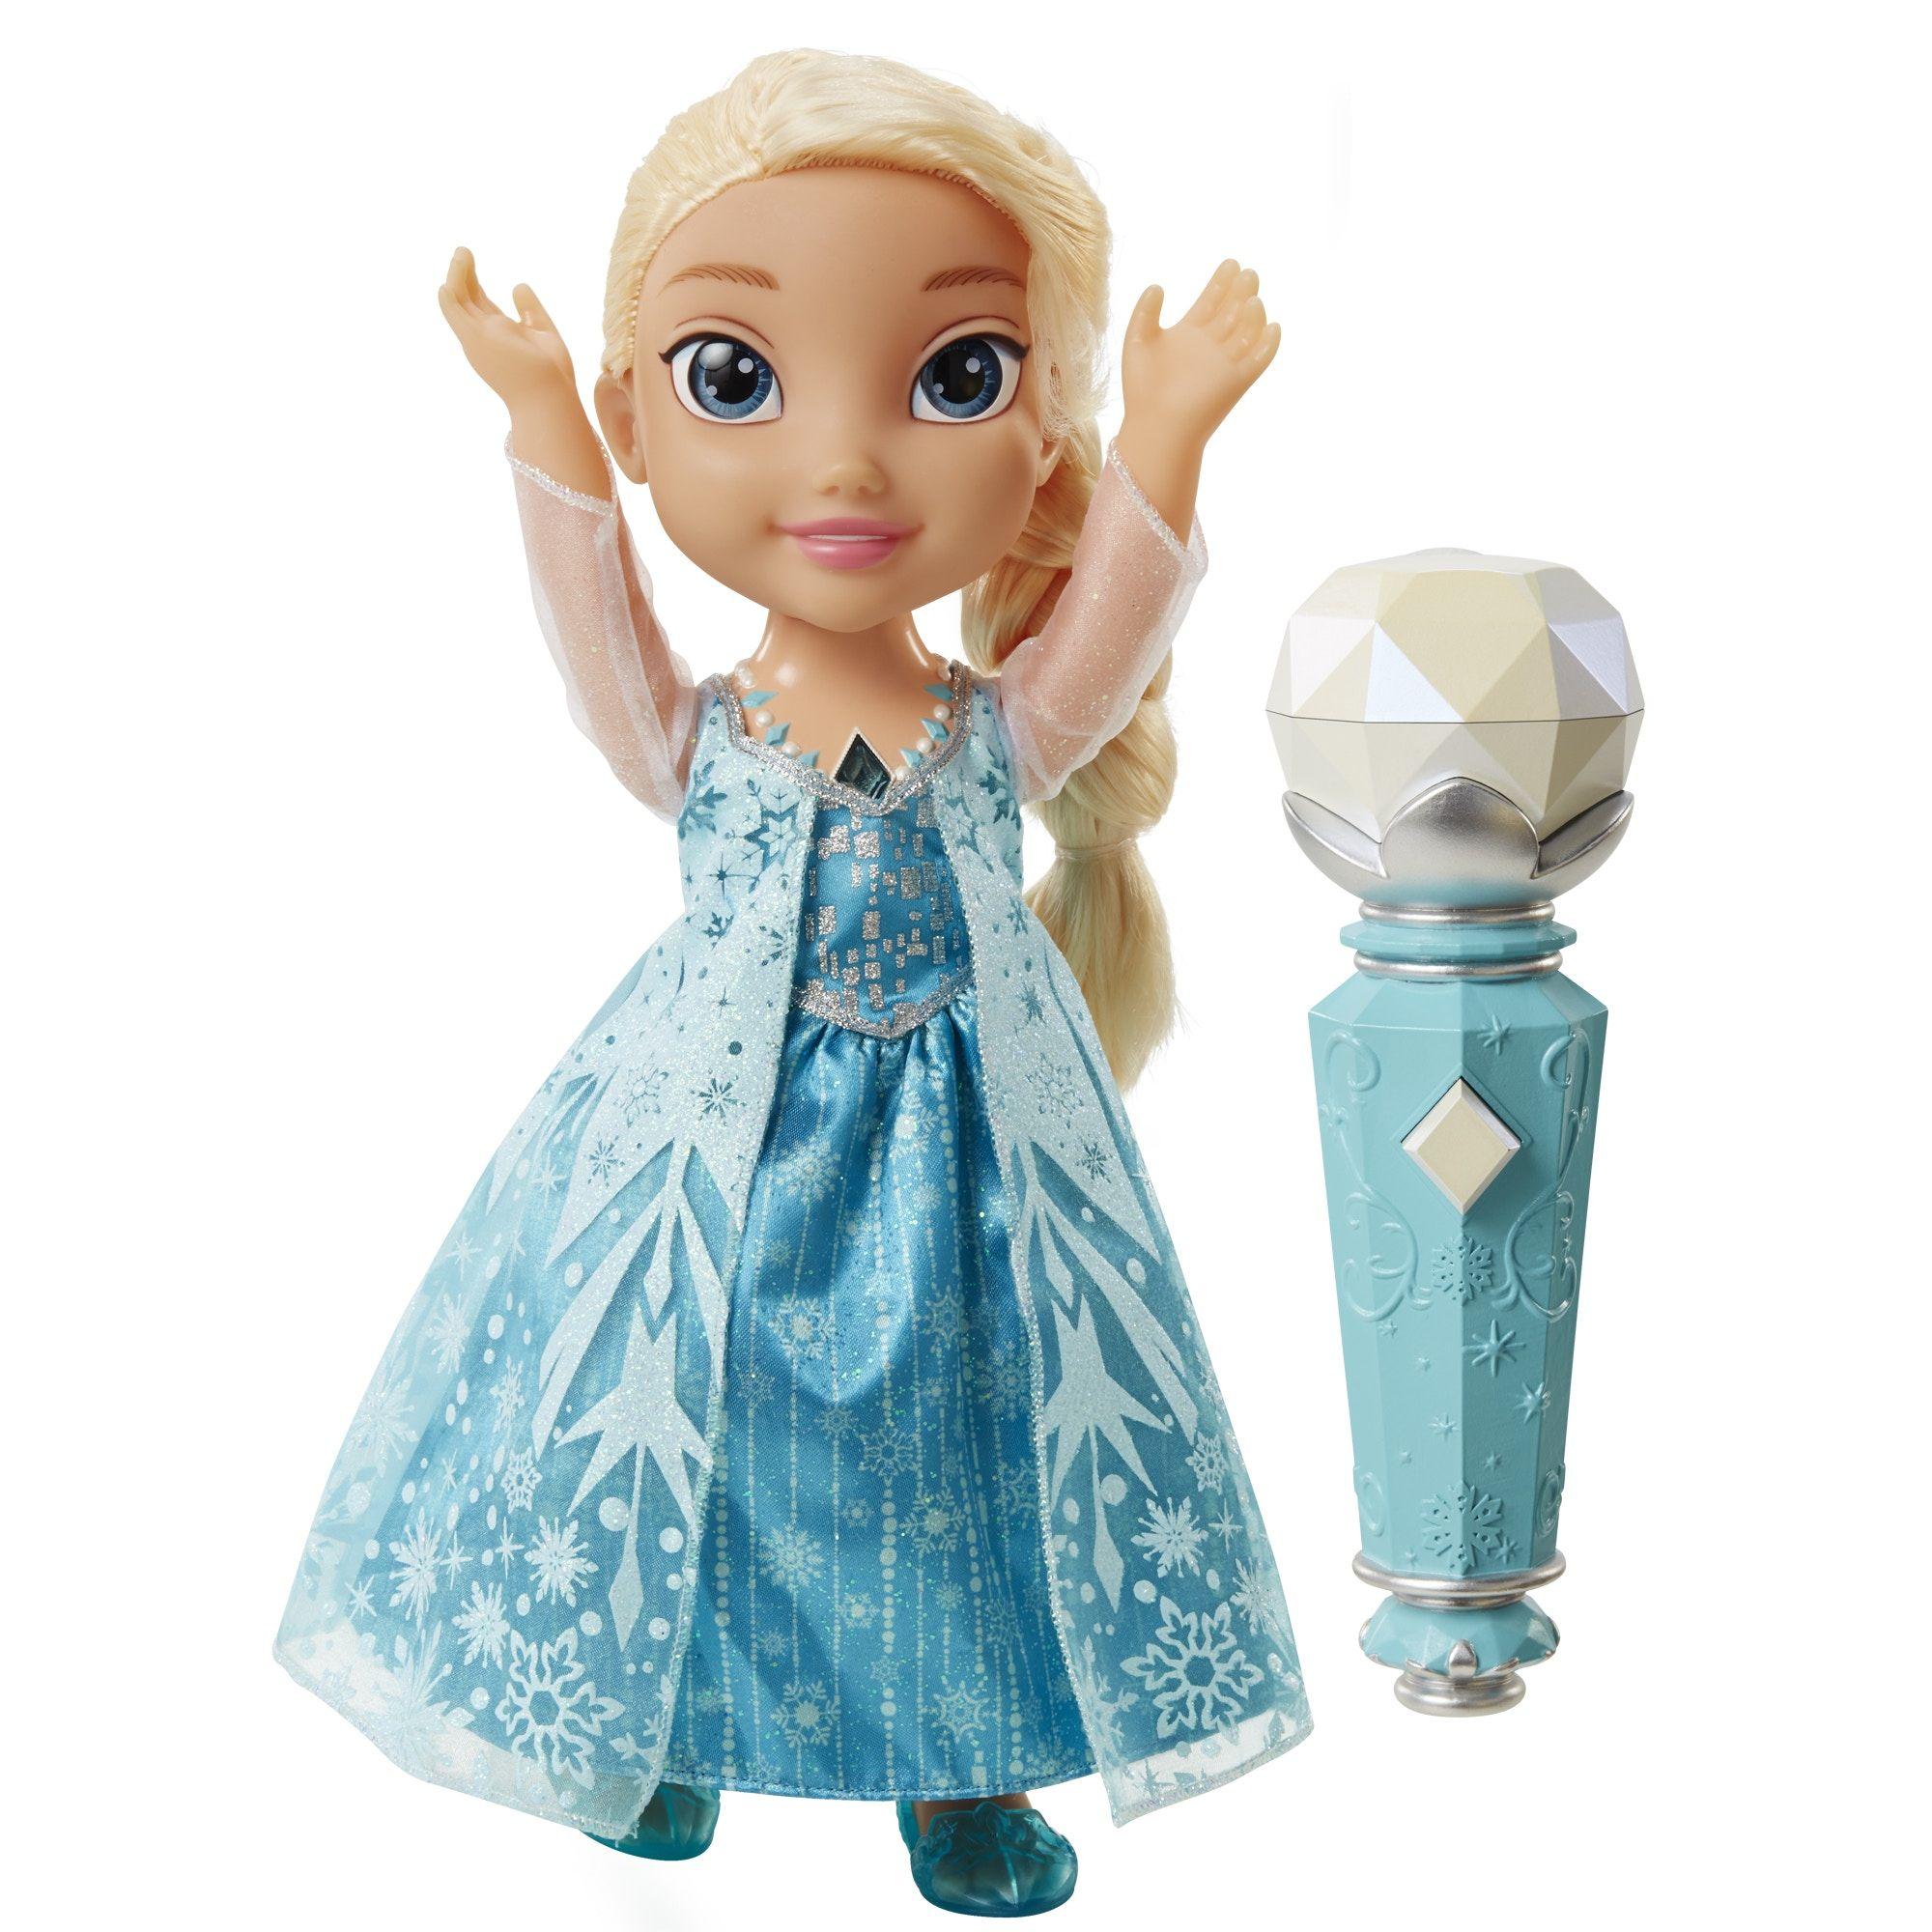 L Long Disney A Frost Elsa Best Toys Ønsker Dukke Sing Kids xaYqZrYw